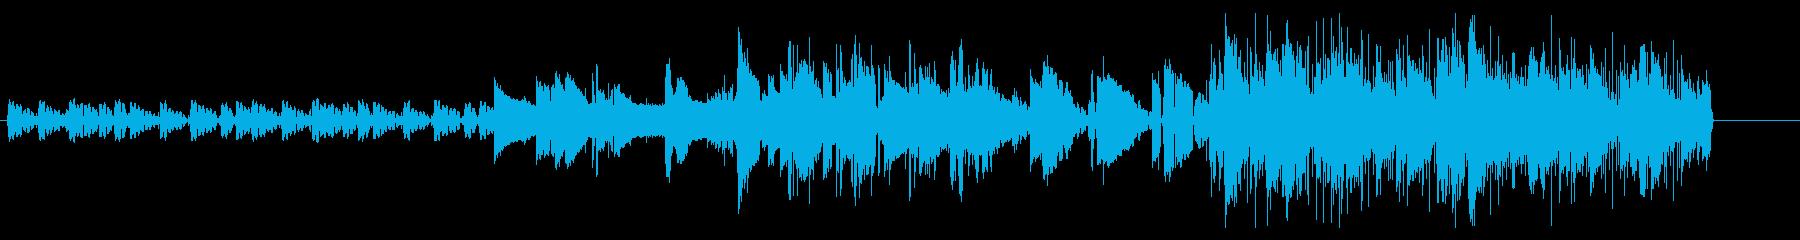 リラックス用ピアノとシンセとギターBGMの再生済みの波形